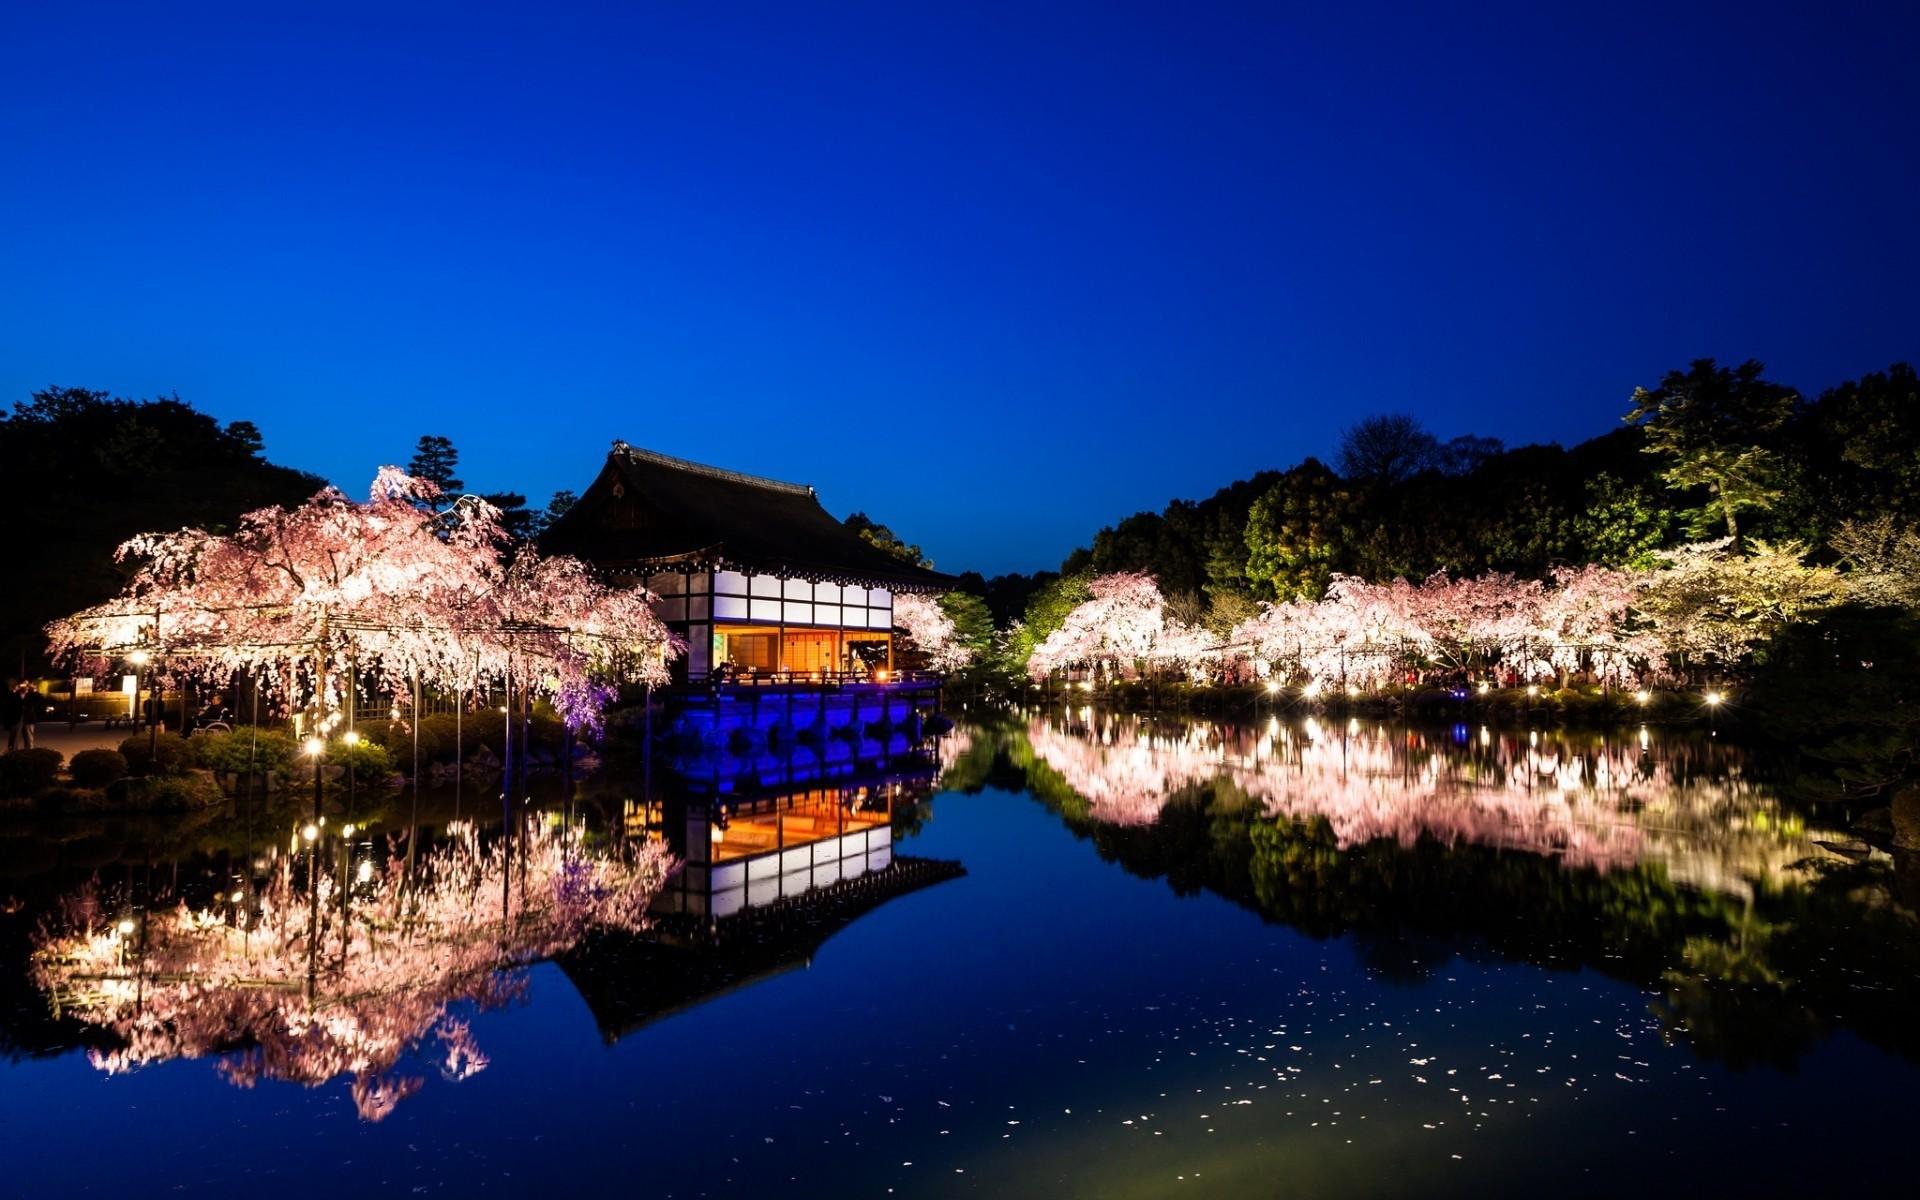 можем красивые картинки на рабочий япония этого сорта